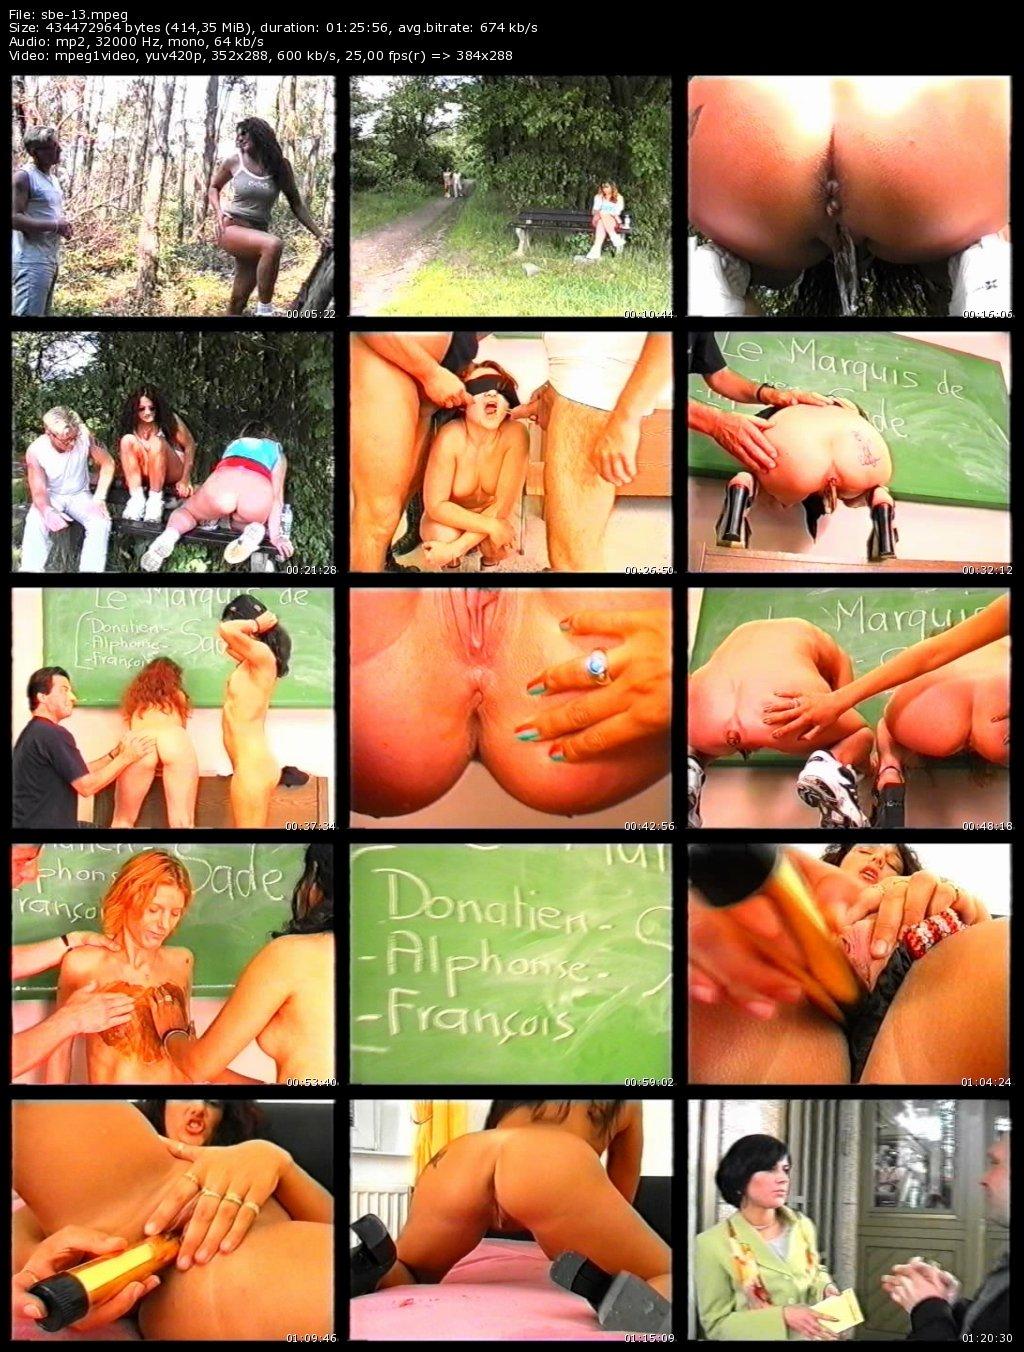 Sperrgebiet Erotik 13 - FULL MOVIE